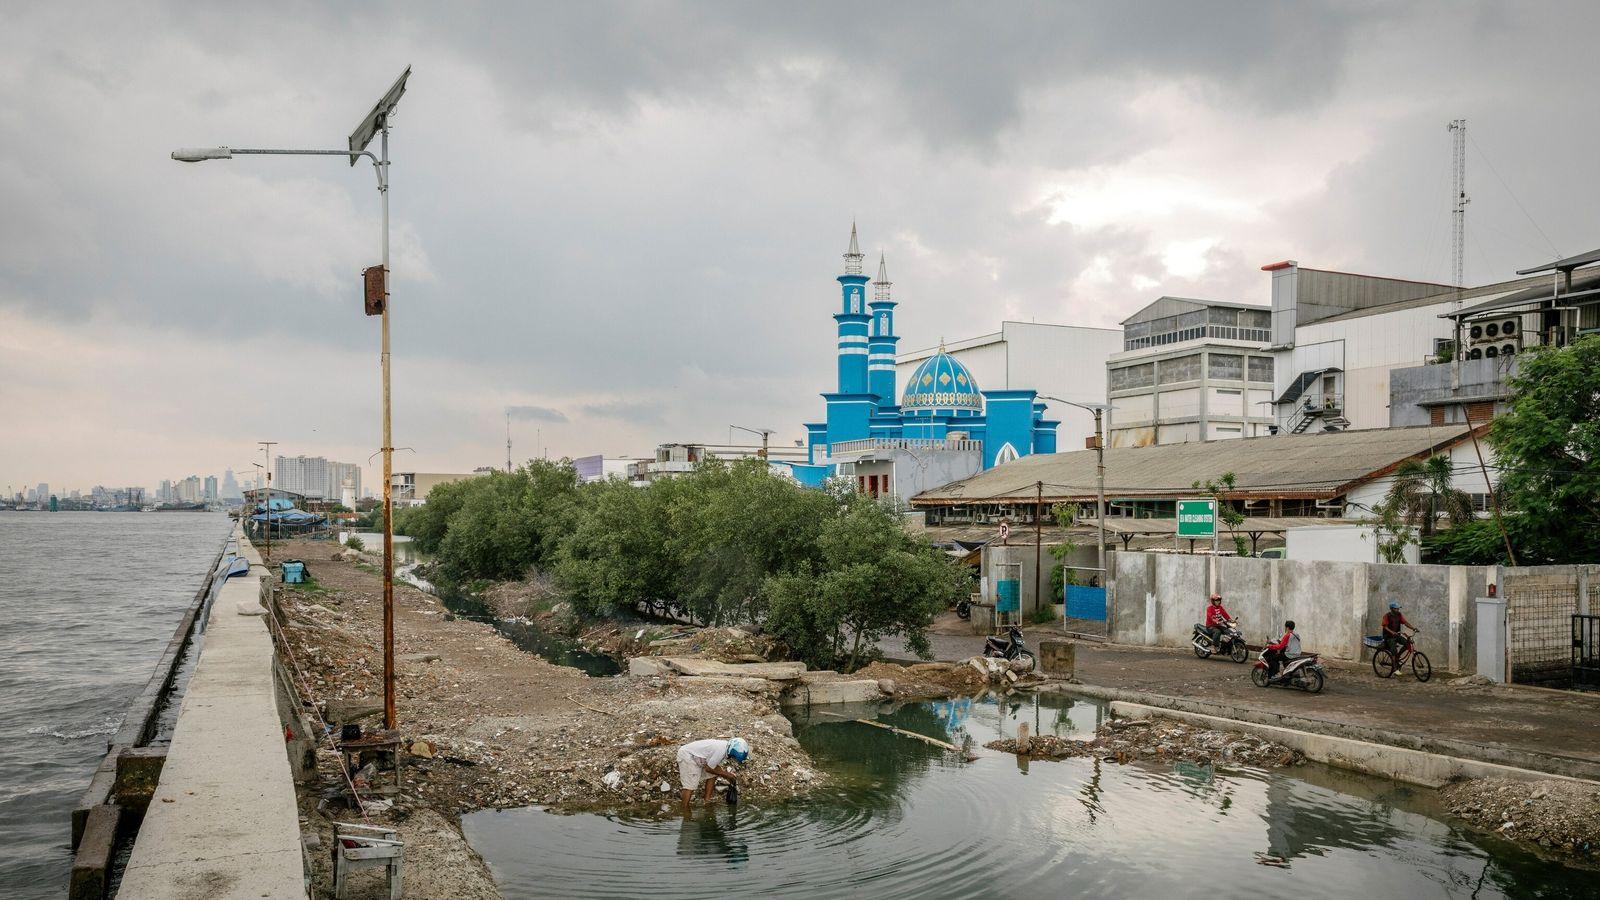 O muro de contenção na Baía de Jacarta evita que lojas, casas e mesquitas sejam inundadas ...